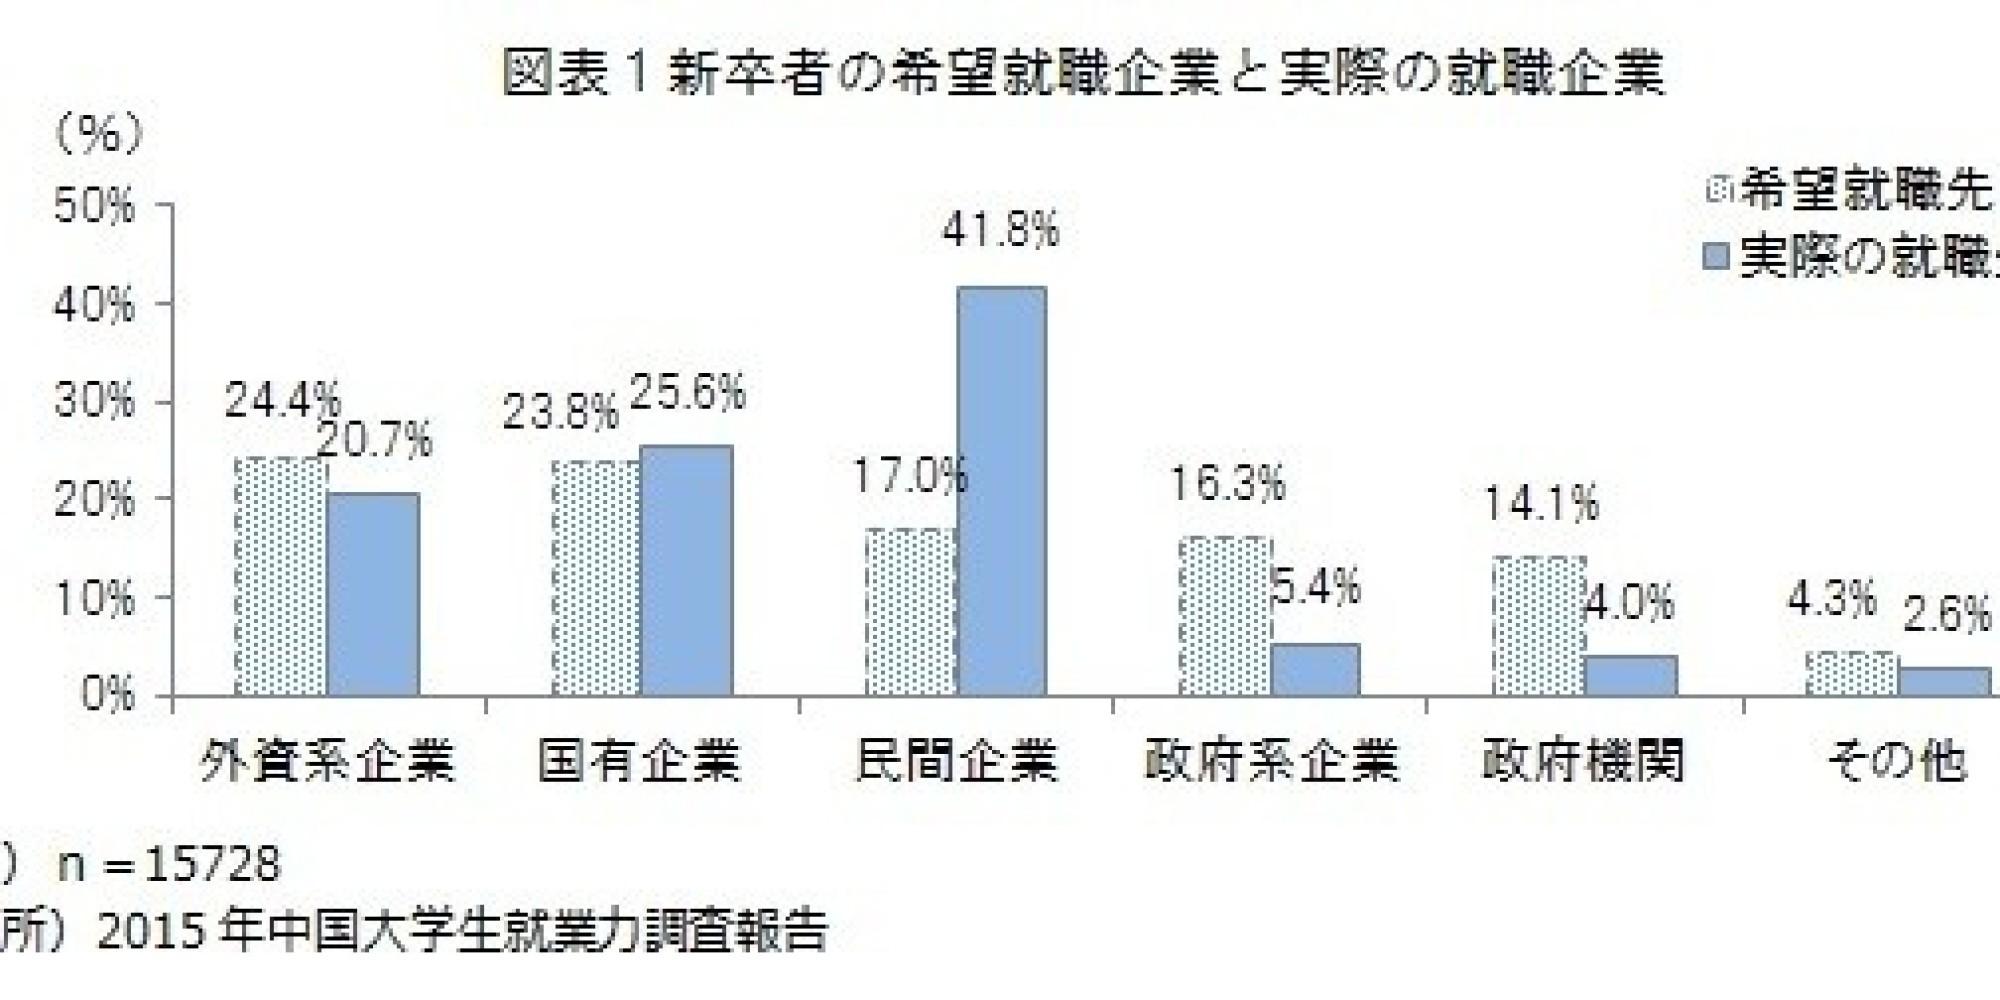 2015年就職戦線、史上最悪の就職難の懸念もベンチャー支援の広がりが(中国):研究員の眼